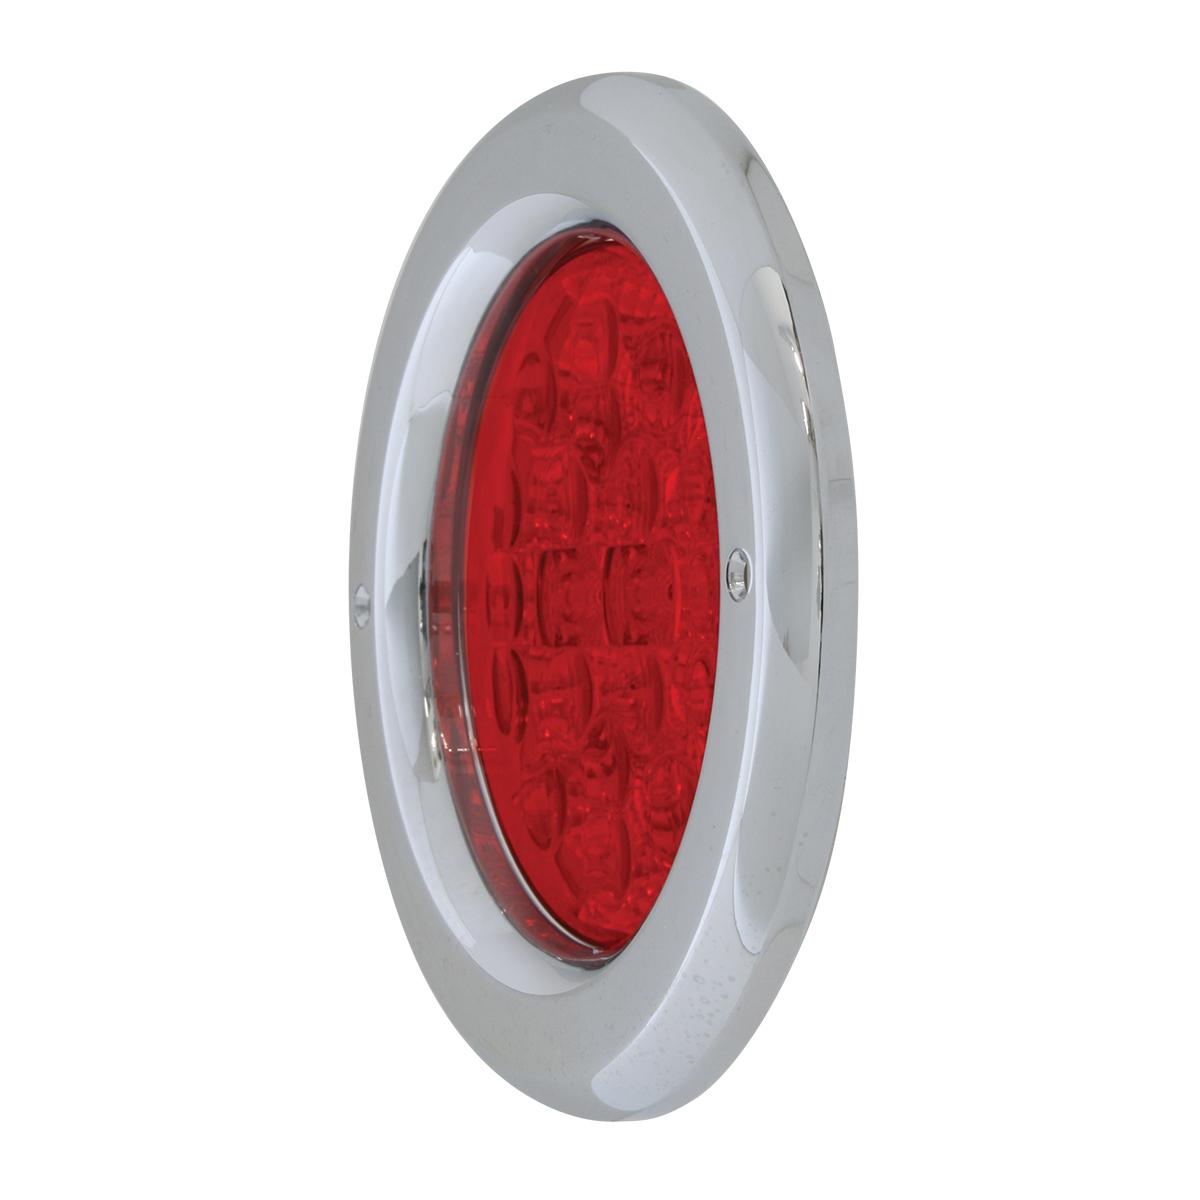 """Grommet Cover w/o Visor for 4"""" Round Light (Light Not Included)"""